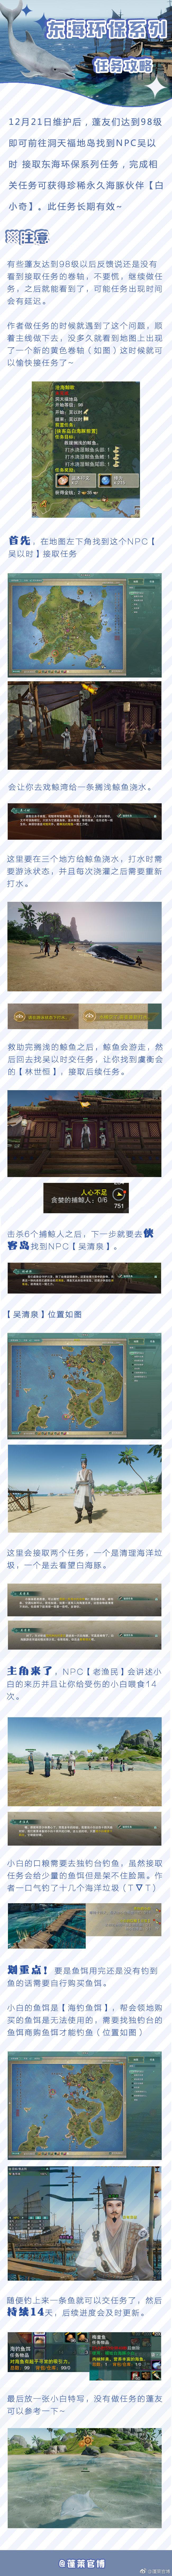 剑网3【东海环保】任务流程攻略_52z.com